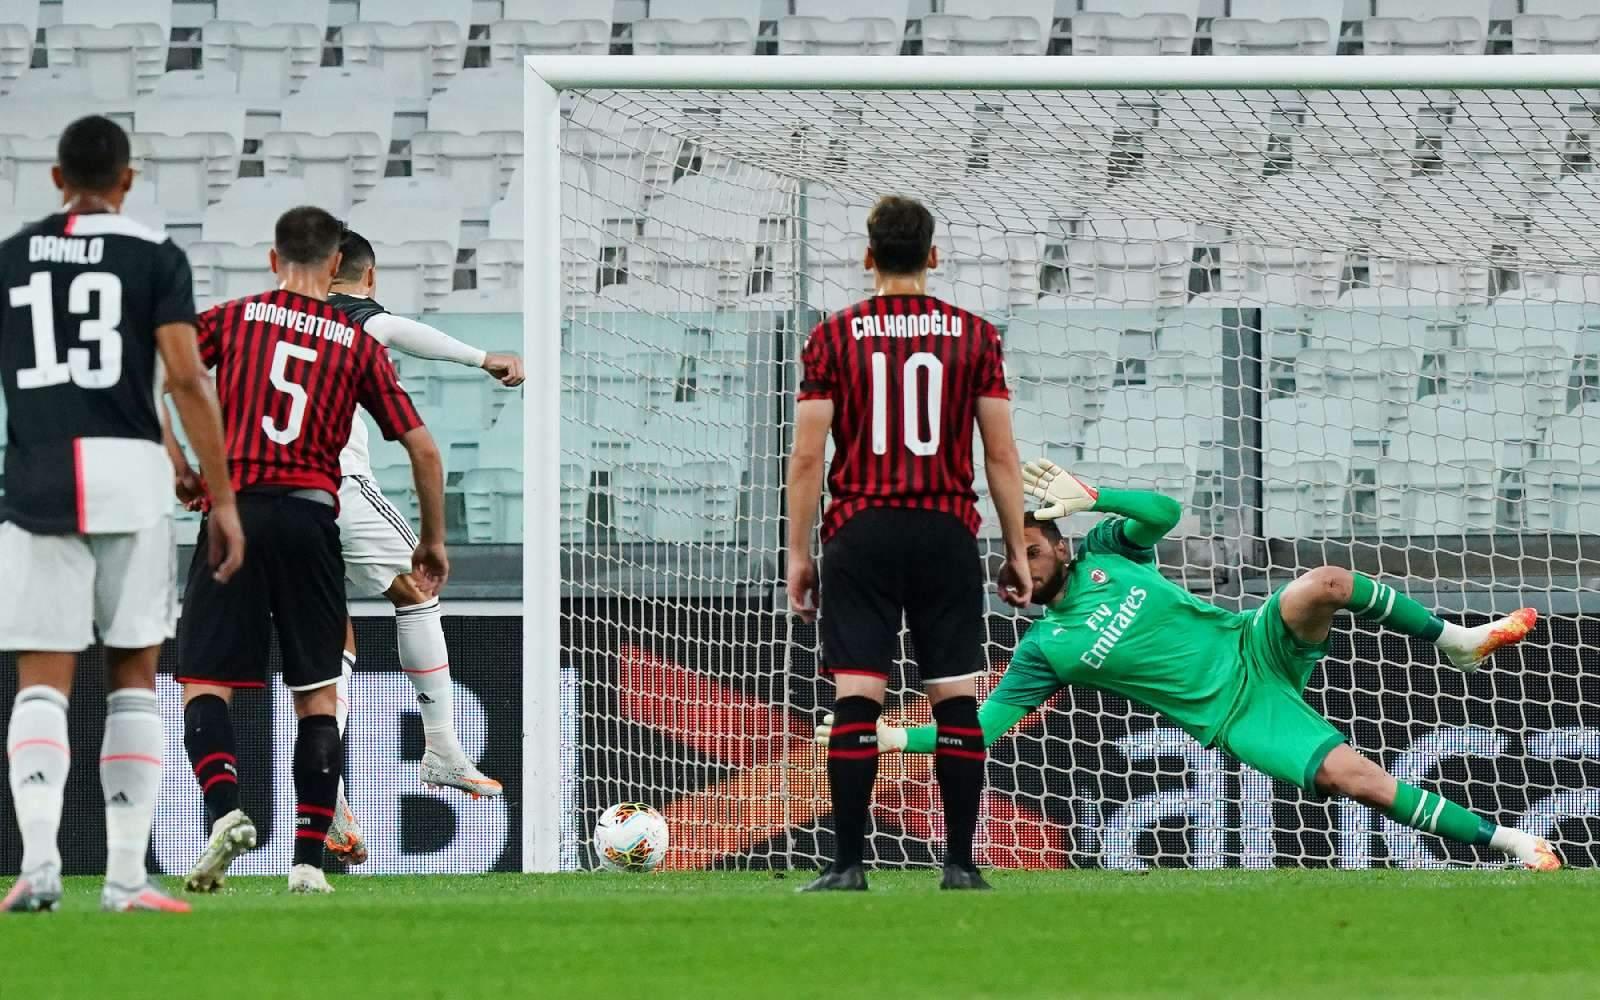 «Ювентус» не забил «Милану», играя почти весь матч в большинстве, но всё равно вышел в финал